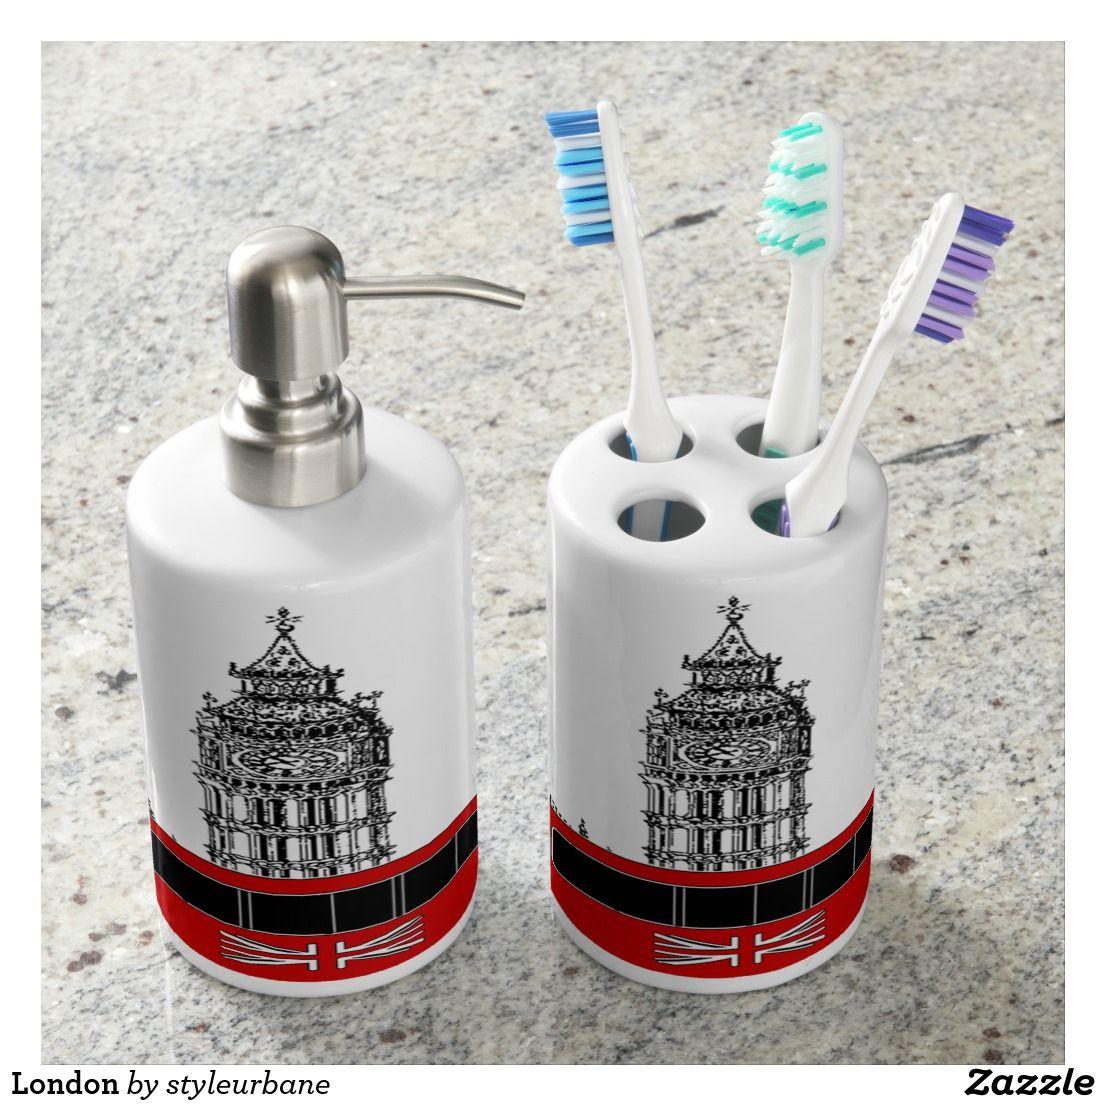 London Soap Dispenser & Toothbrush Holder   Toothbrush holders, Bath ...